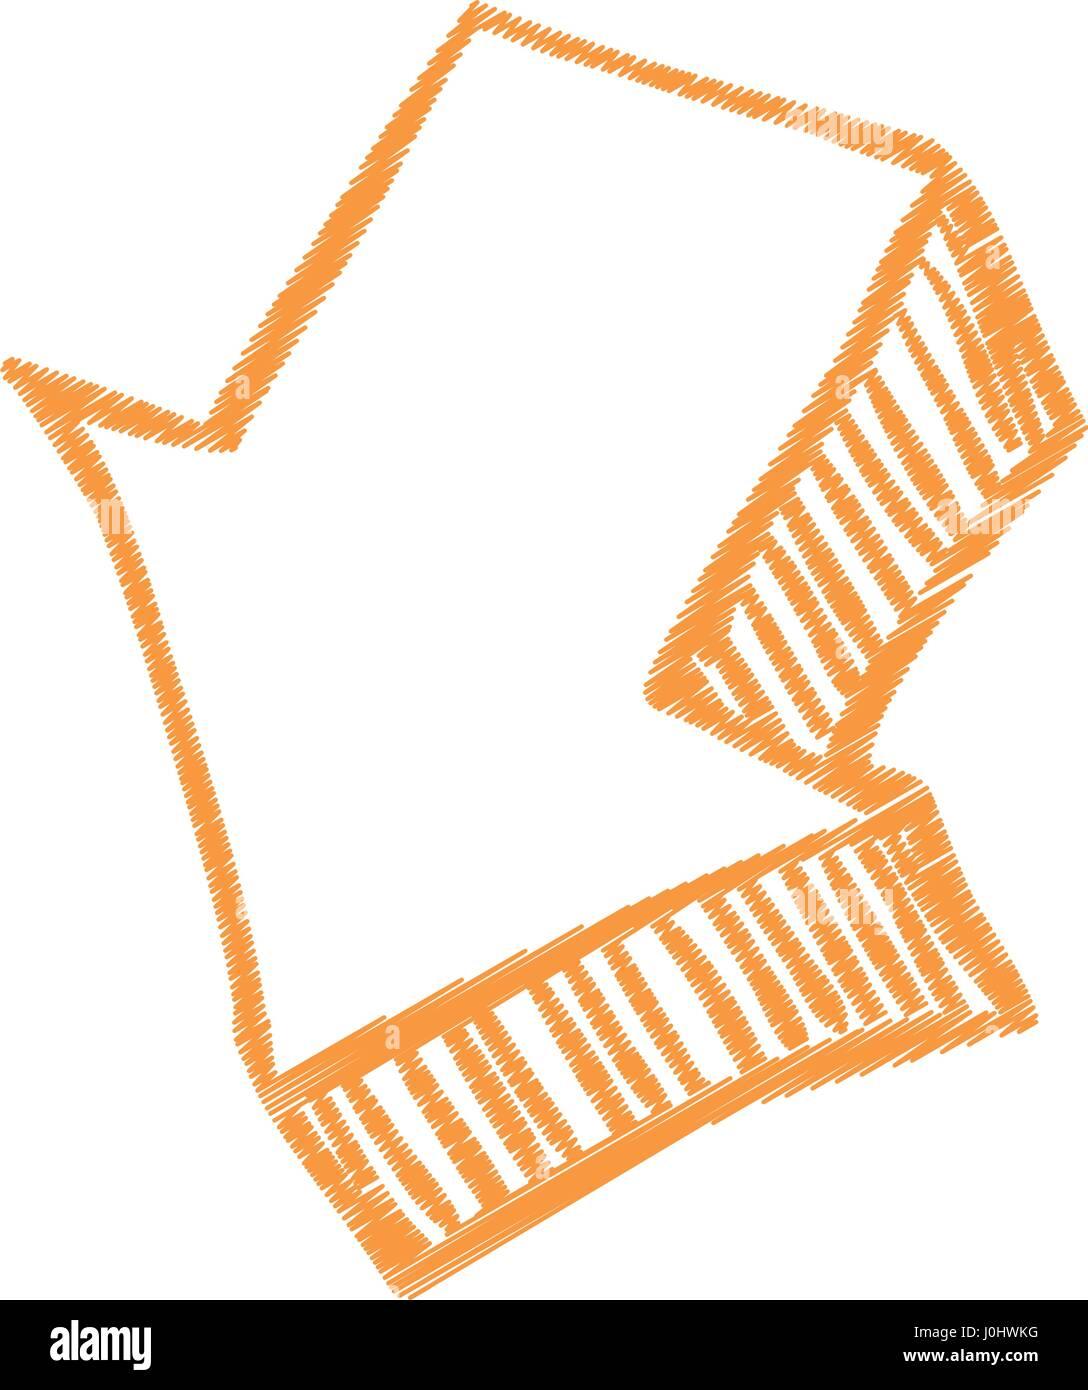 Download arrow scribble - Stock Image